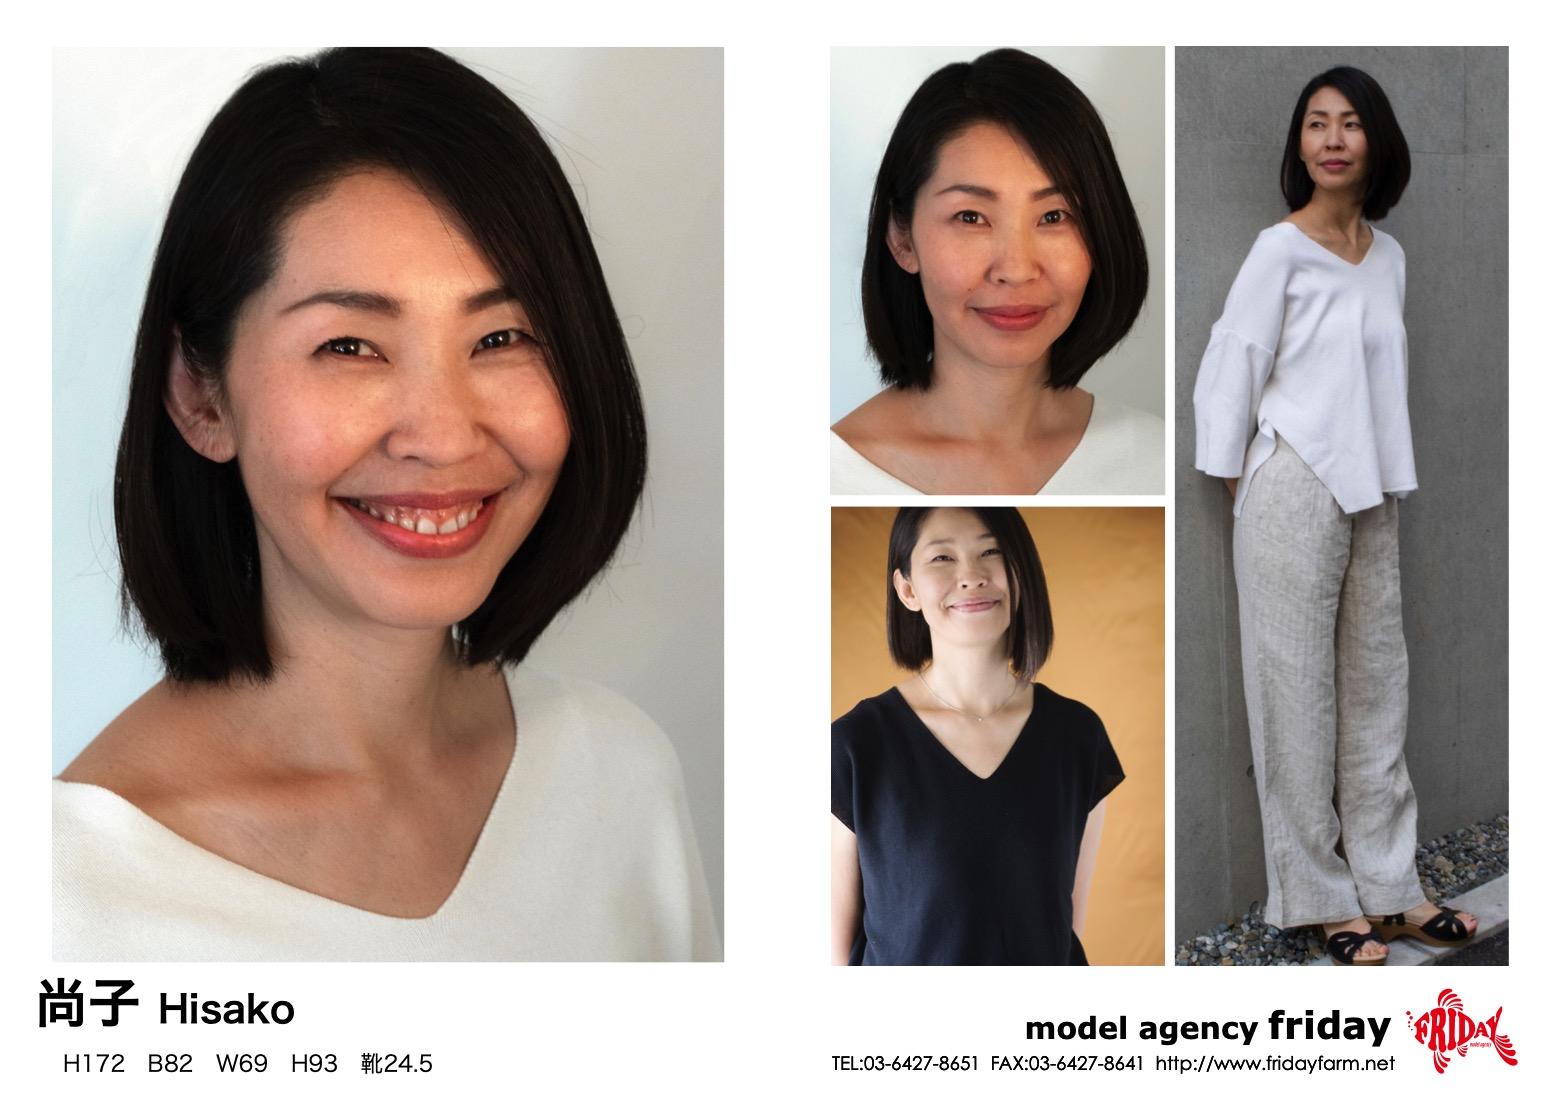 尚子 - Hisako | model agency friday